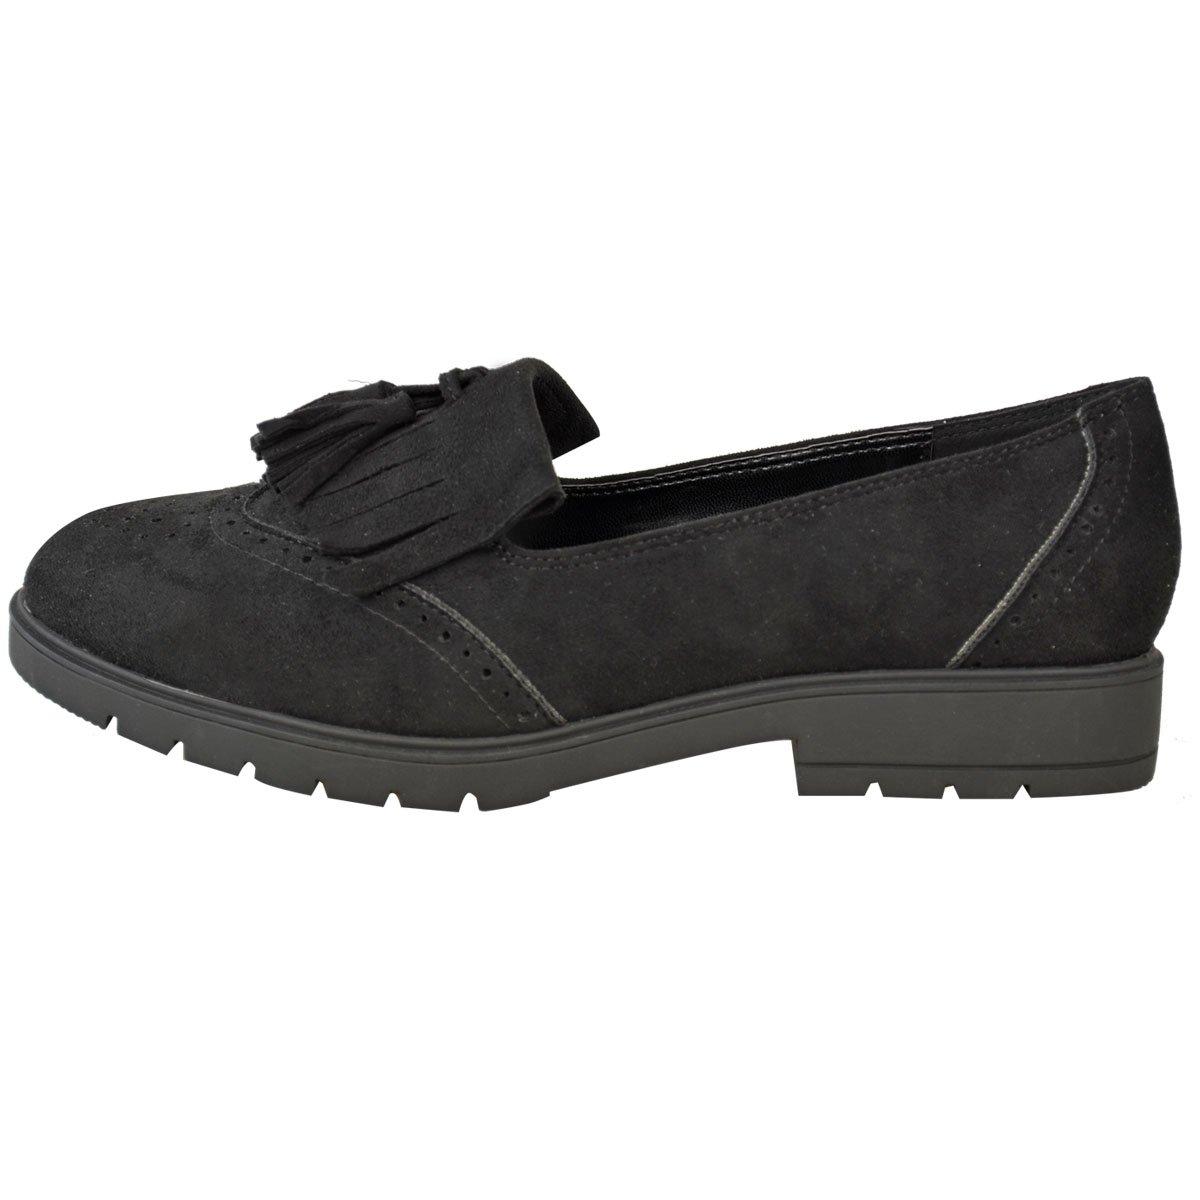 Plano Mujer Informal Zapatos Oxford Oficina con Flecos Mocasines Zapatos de Colegio Talla - Negro Ante Artificial/Negro Suela, 41: Amazon.es: Zapatos y ...